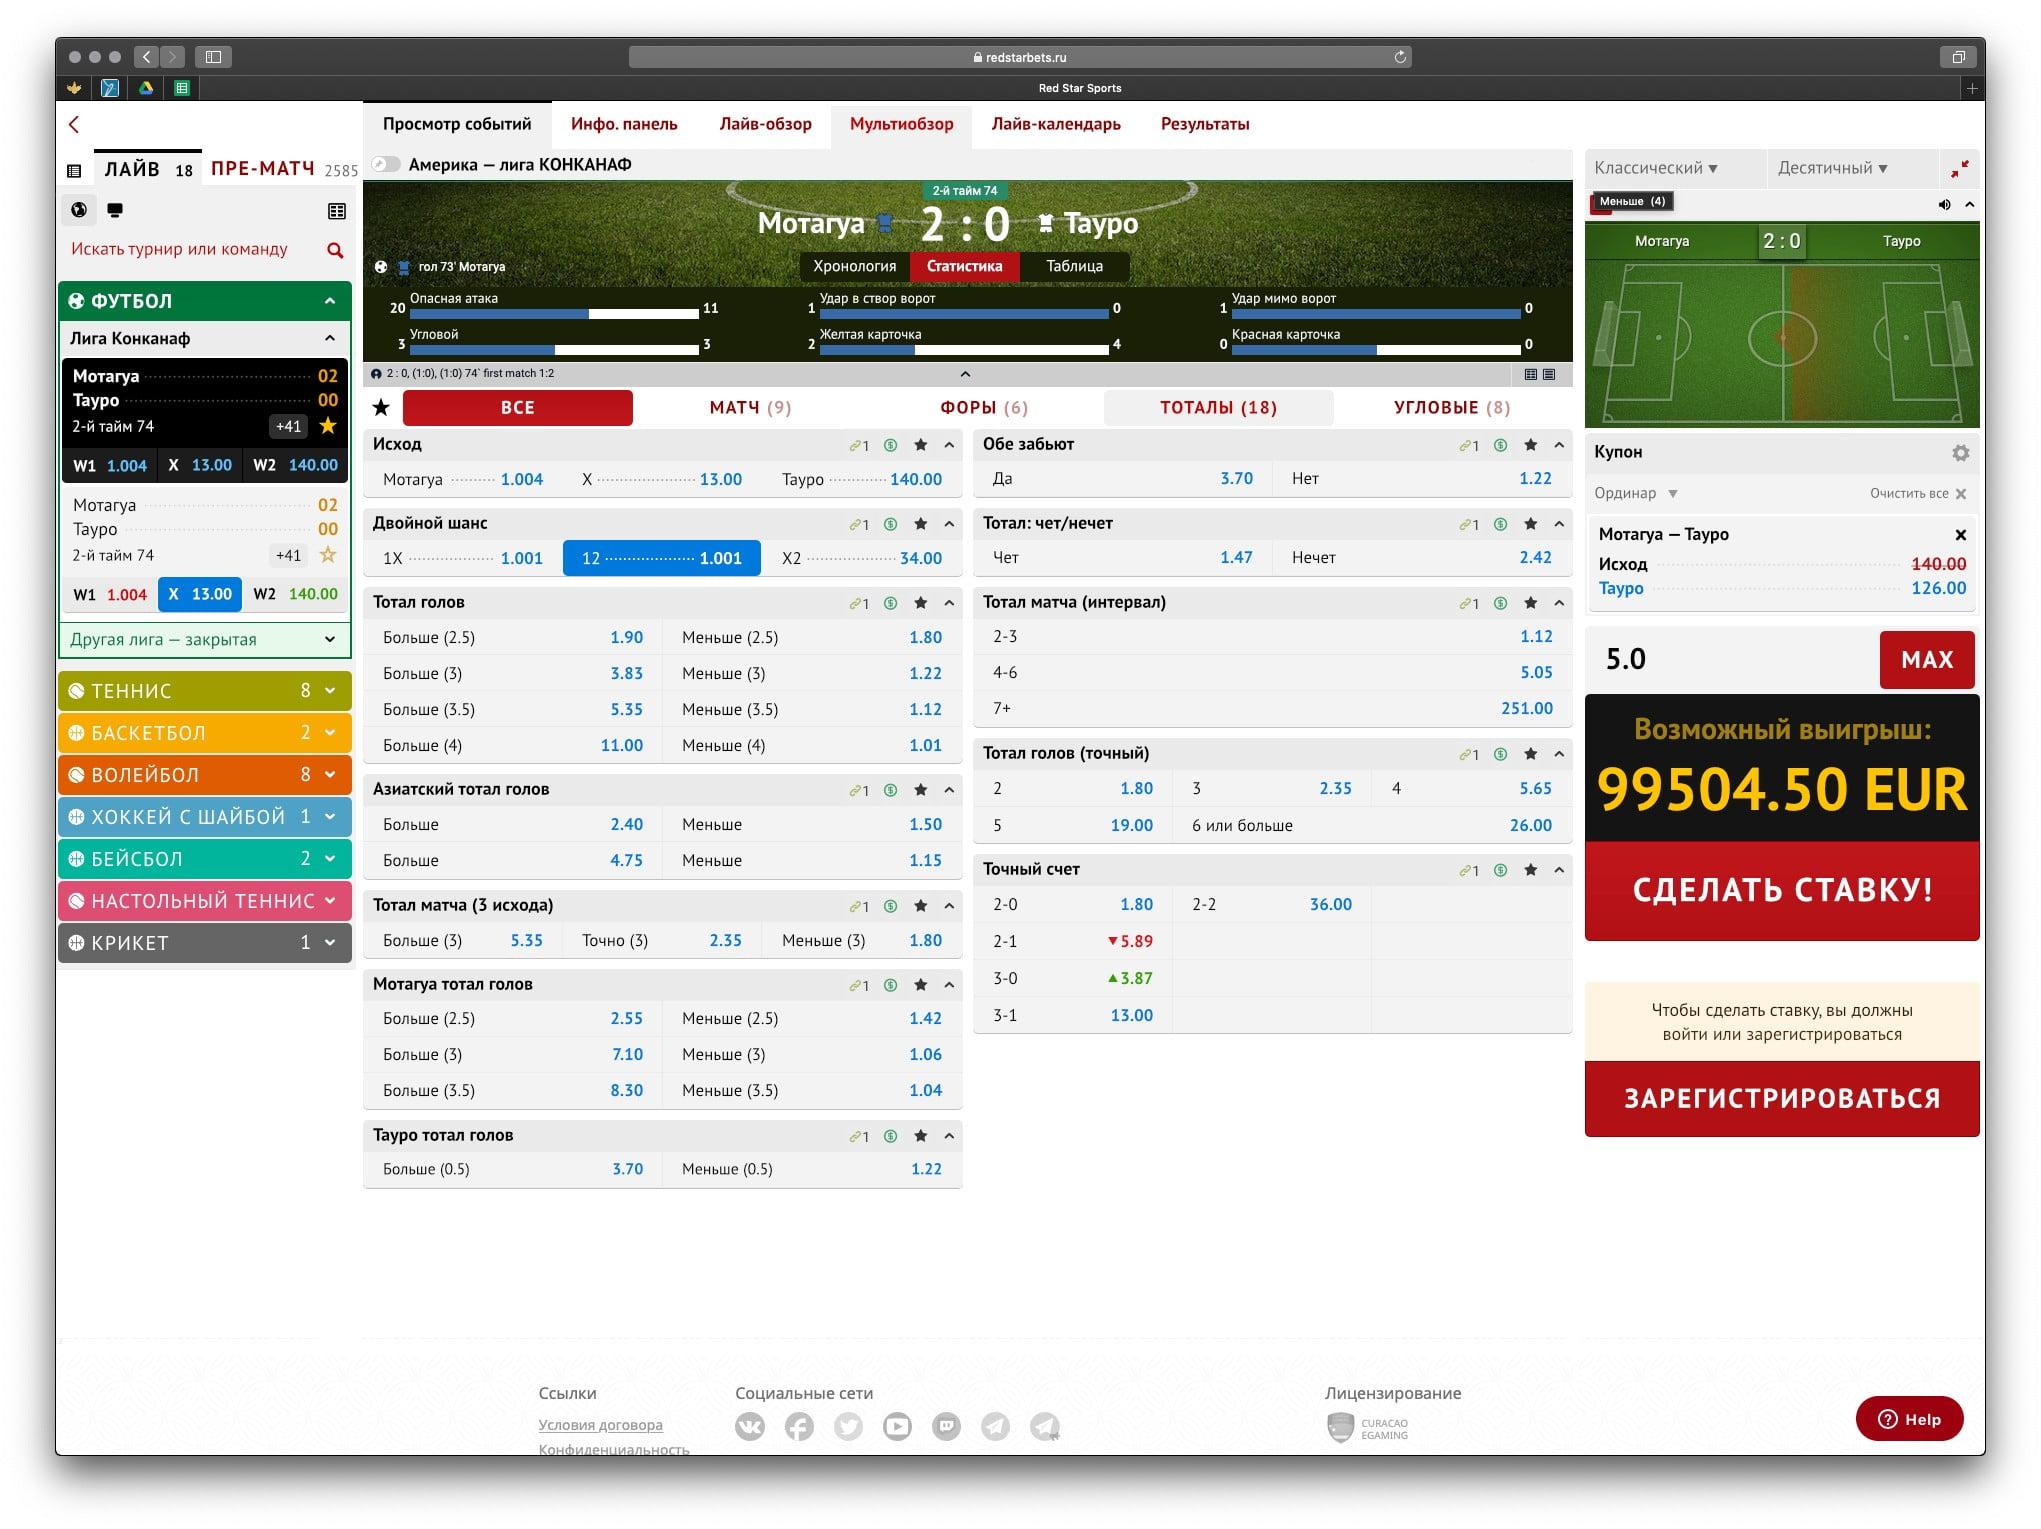 Интерфейс ставок RedStarBet Сайт Артура Нецветаева — сайты, приложения, прототипы и оформление интерфейсов table2 4